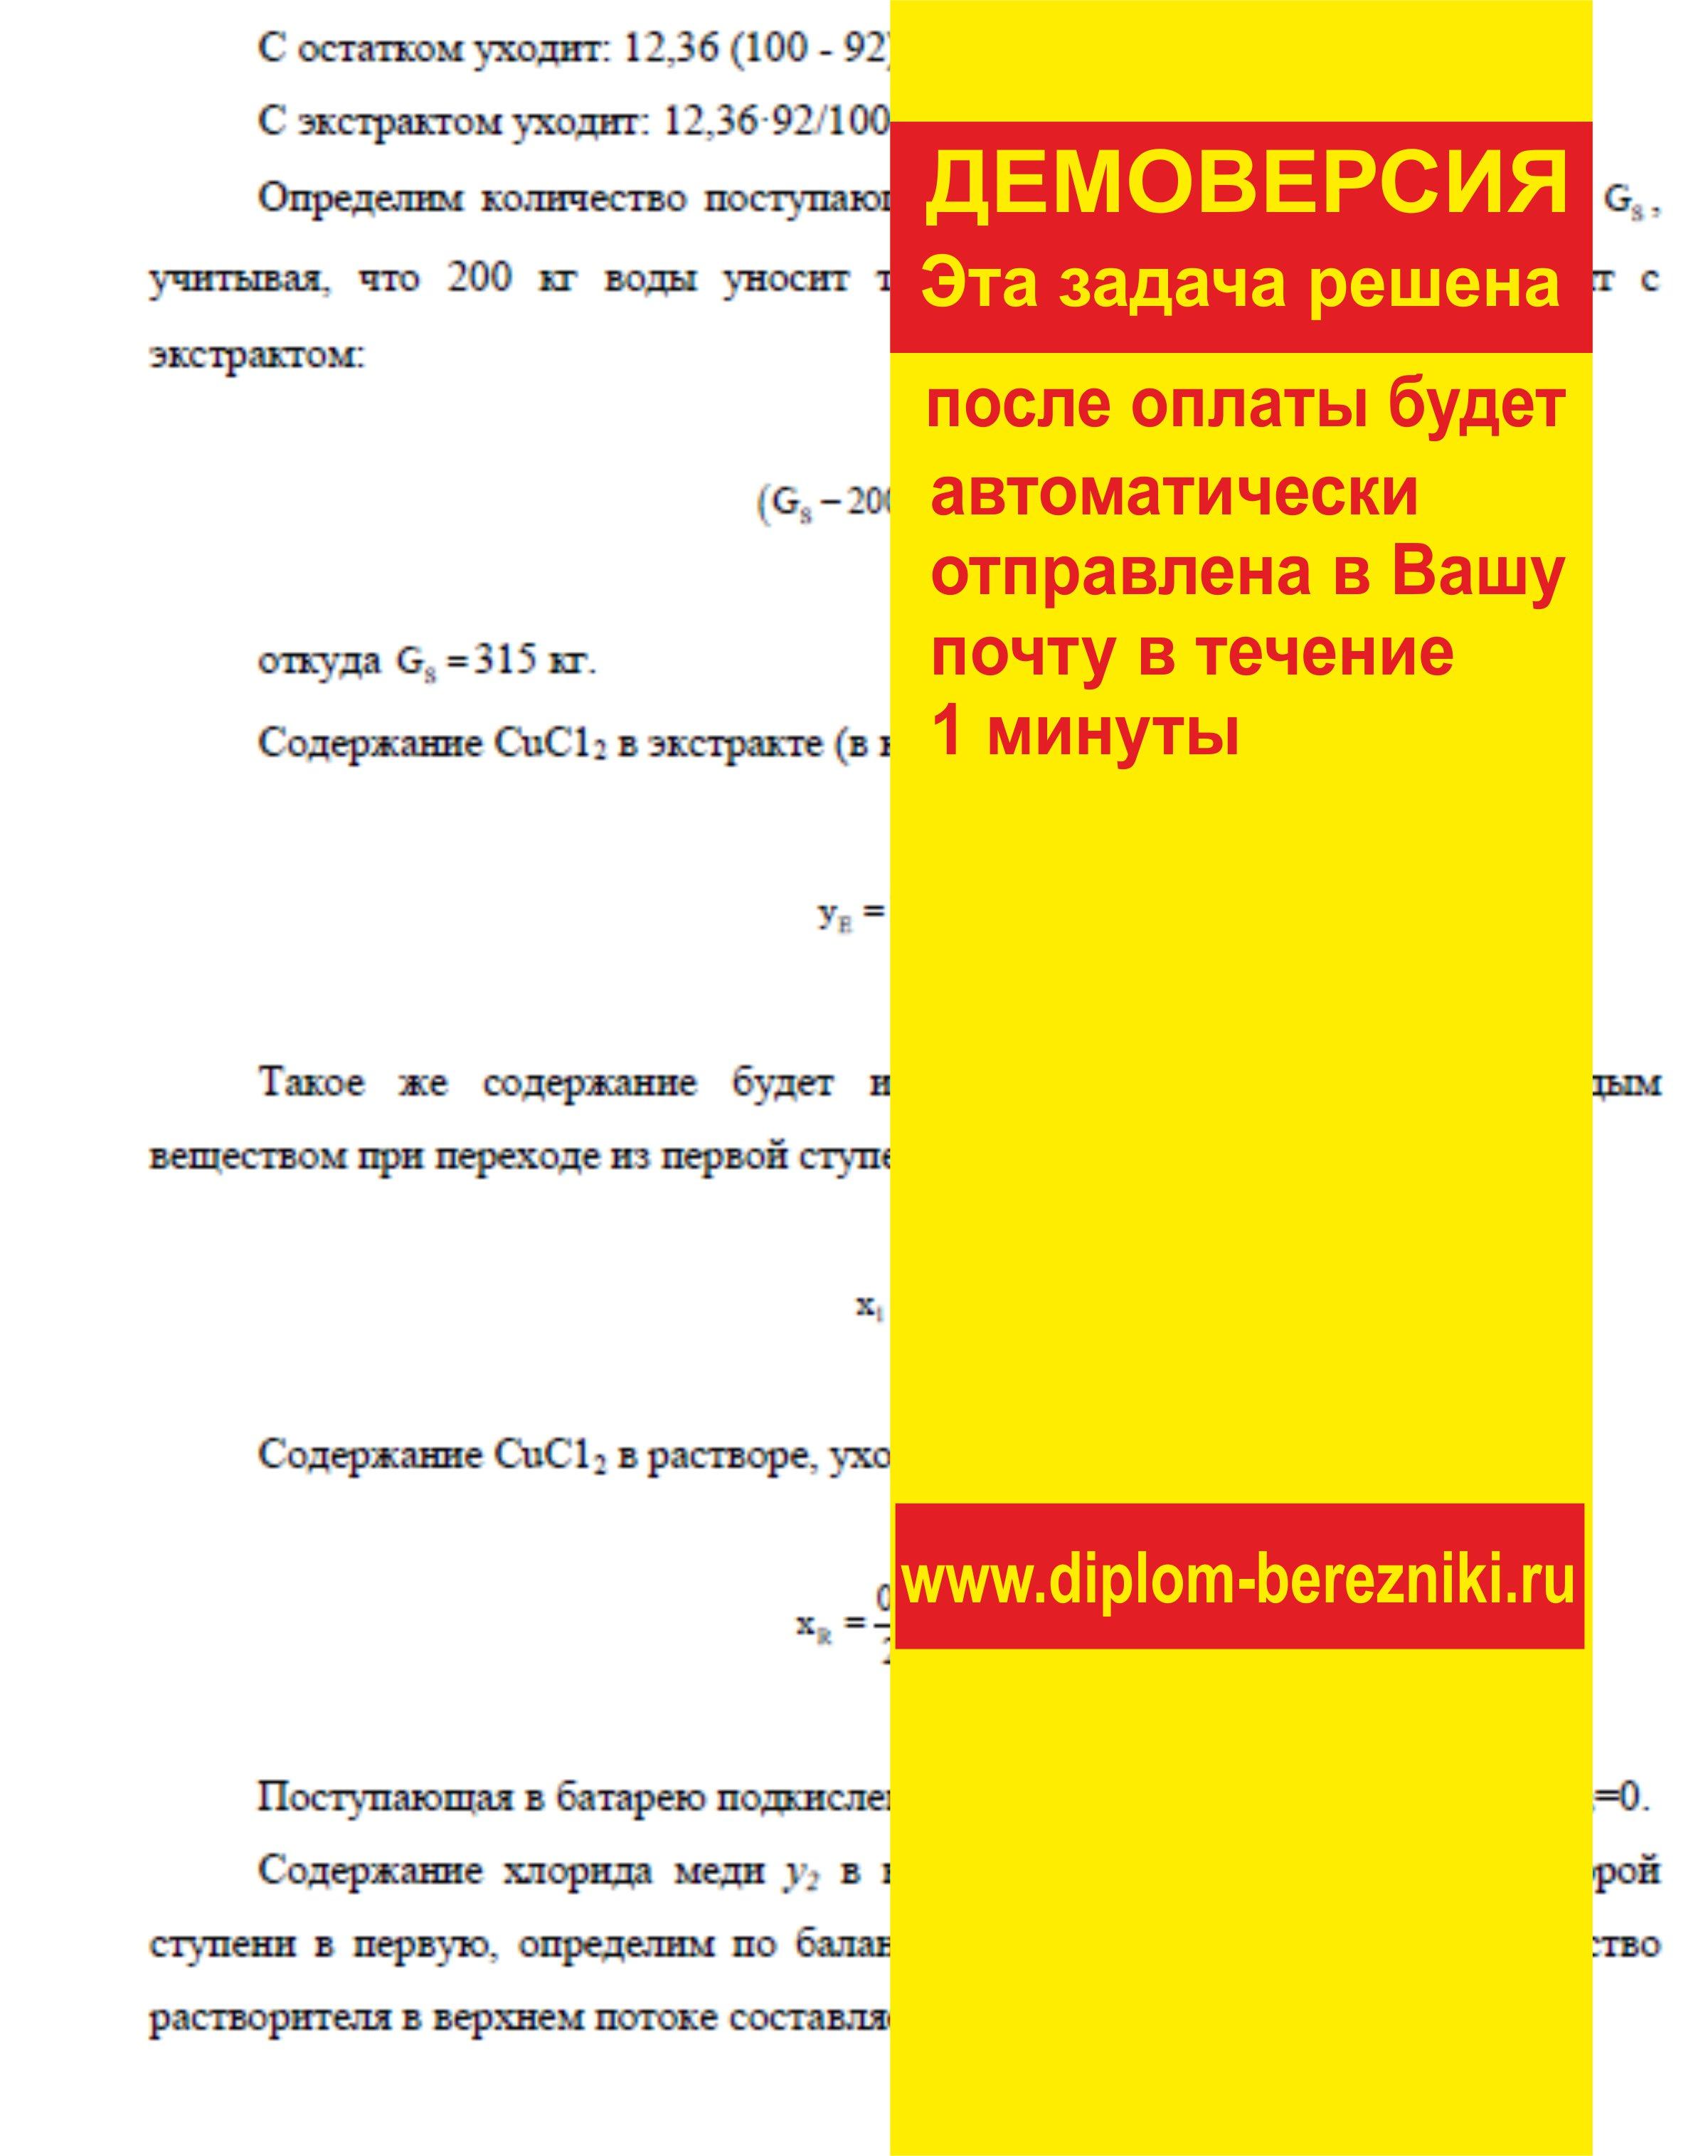 Решение задачи 8.14 по ПАХТ из задачника Павлова Романкова Носкова